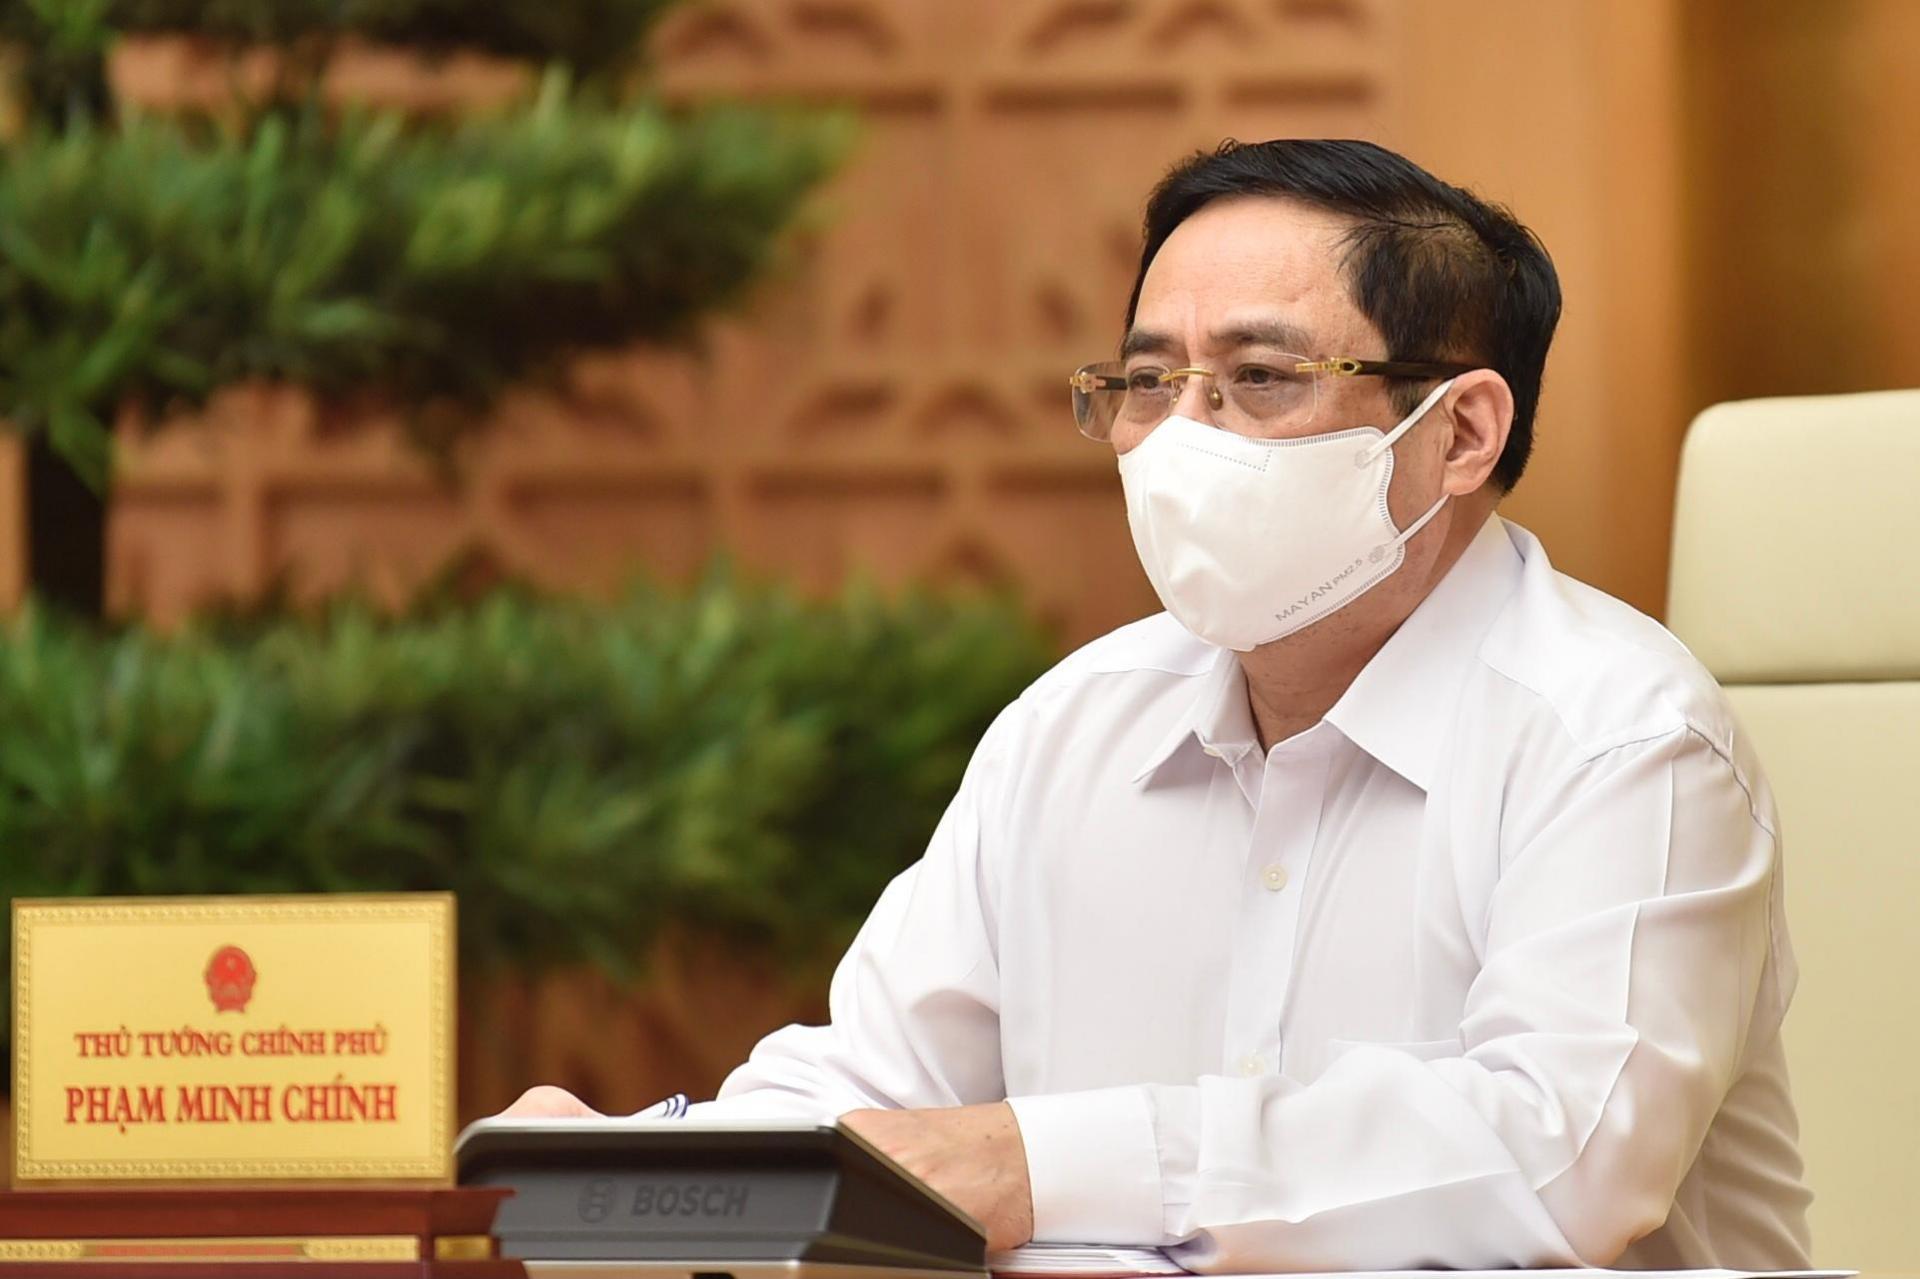 Thủ tướng Chính phủ Phạm Minh Chính triệu tập cuộc họp trực tuyến với tỉnh Bắc Giang, Bắc Ninh và các lực lượng chống dịch tại địa phương này - Ảnh: VGP